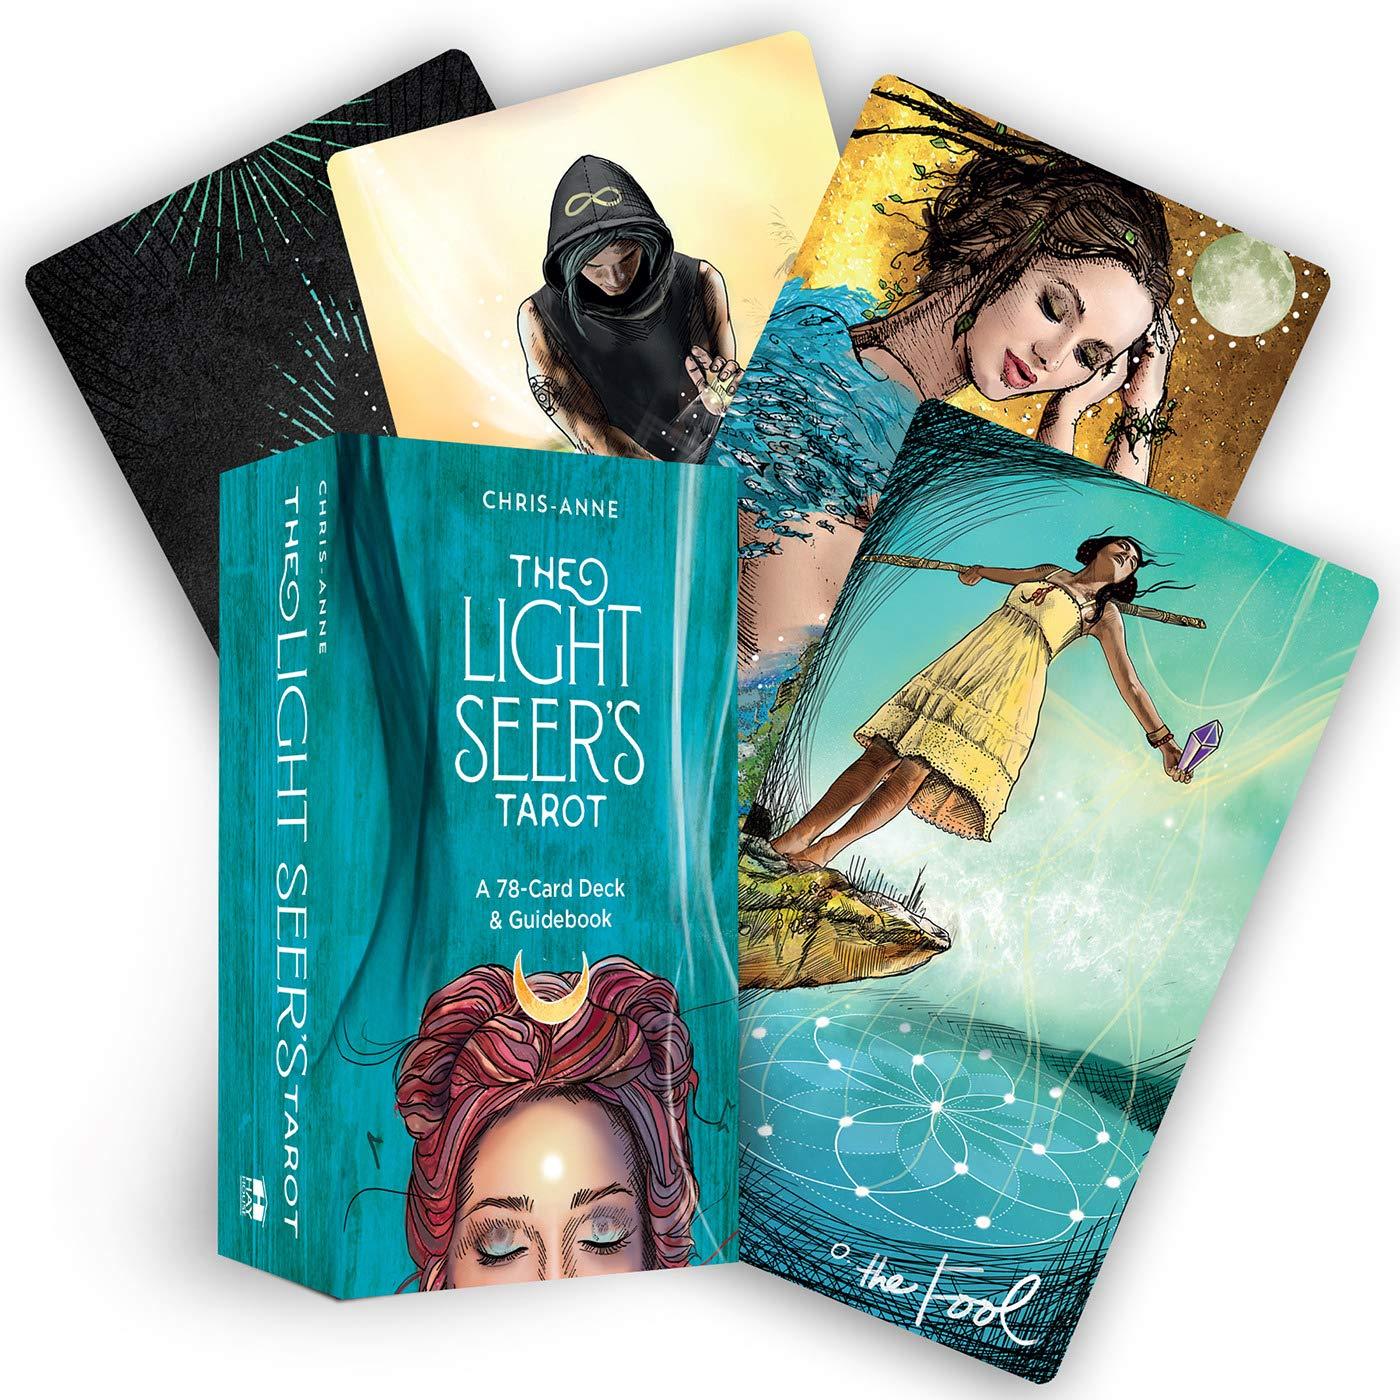 Light Seers tarot + booklet